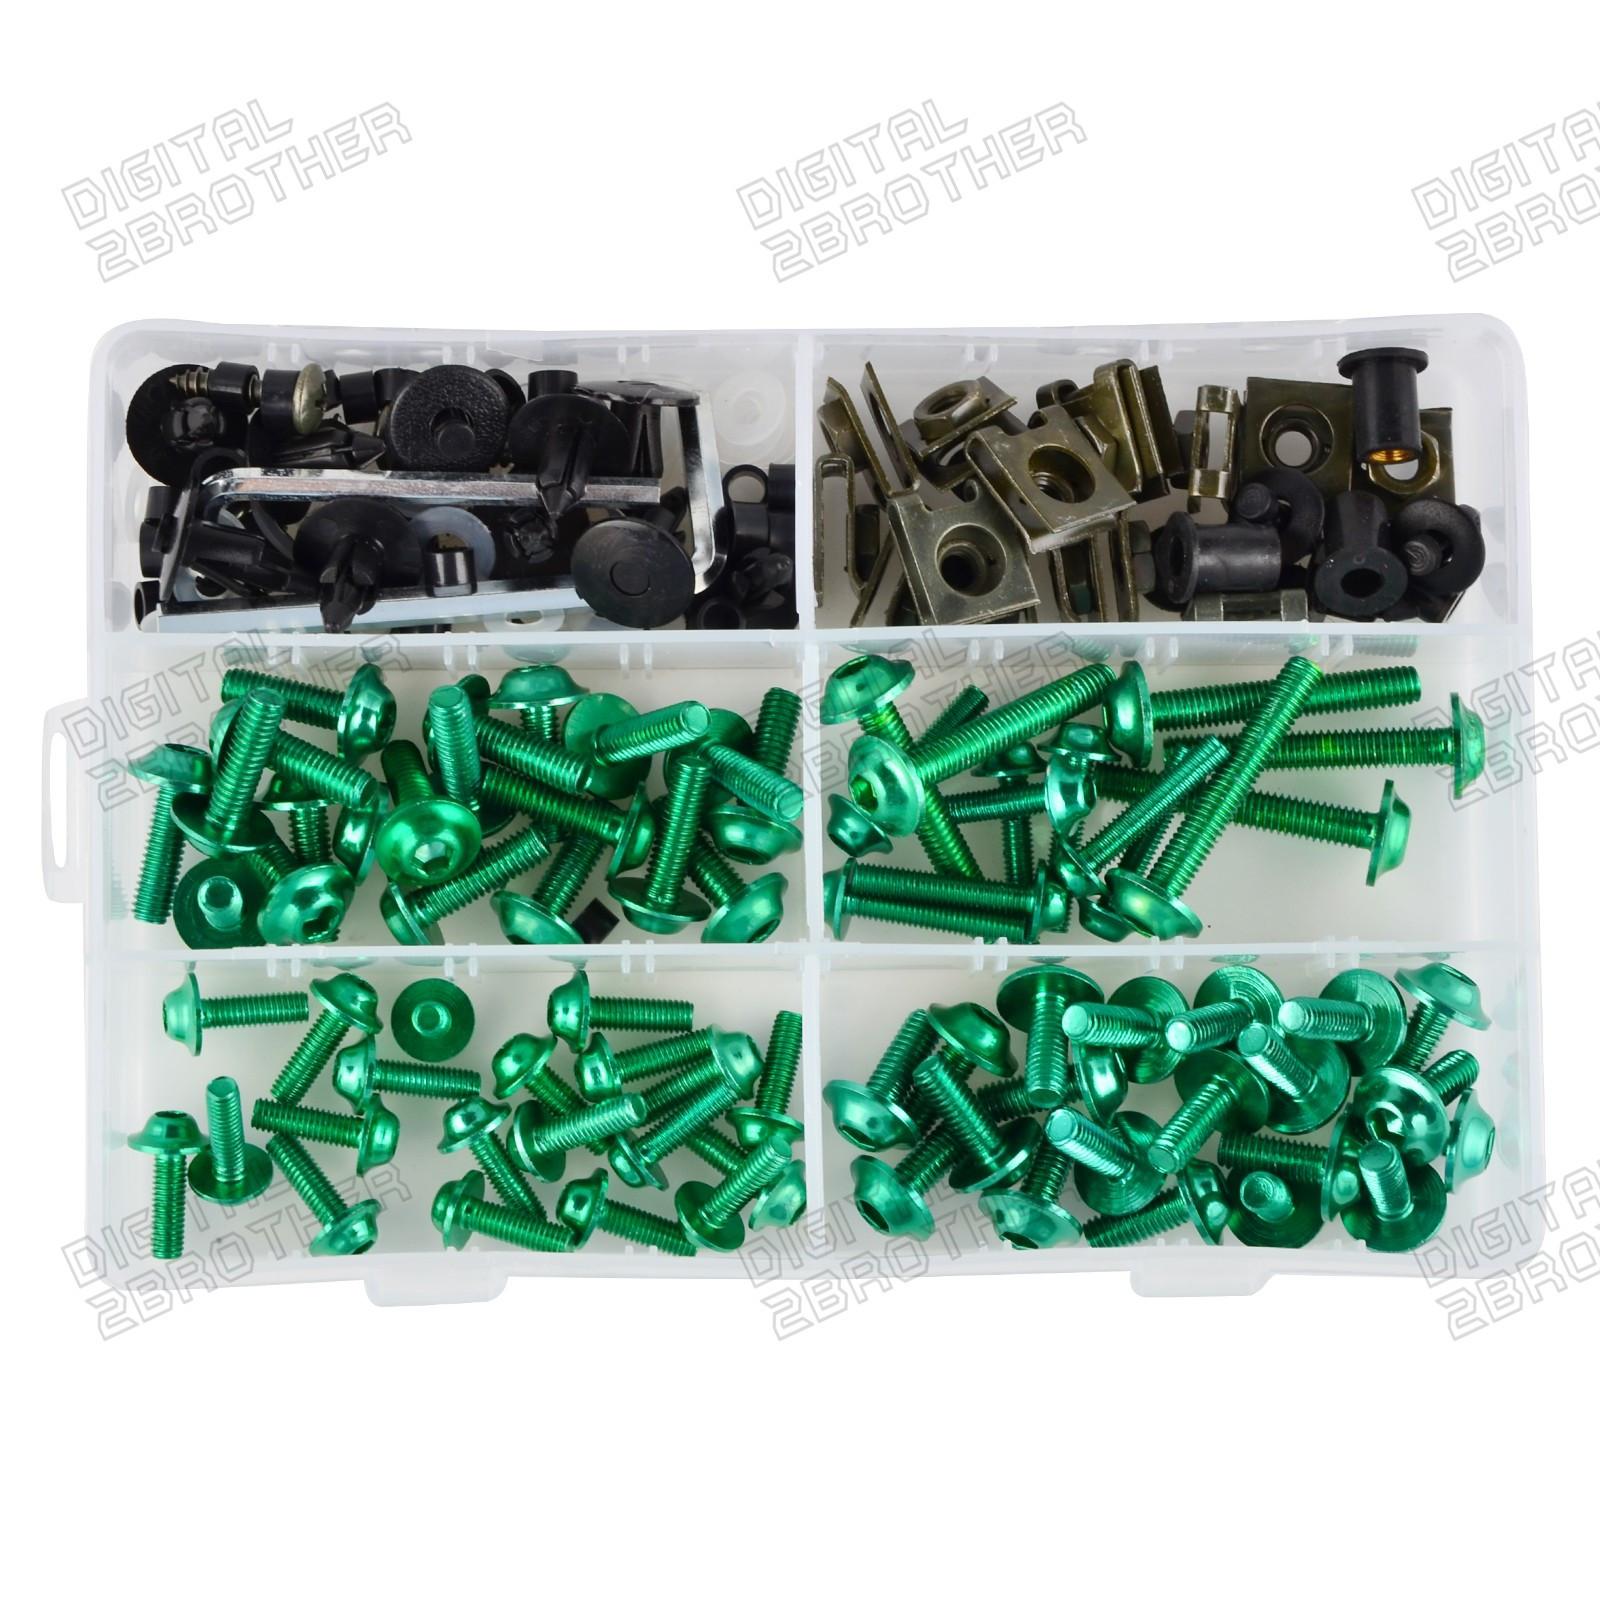 Complete Fairing Bolts Screw Kit For Kawasaki Er 6nz1000z750z750r 6f Wiring Harness 6n Z1000z750z750rzr7szzr600